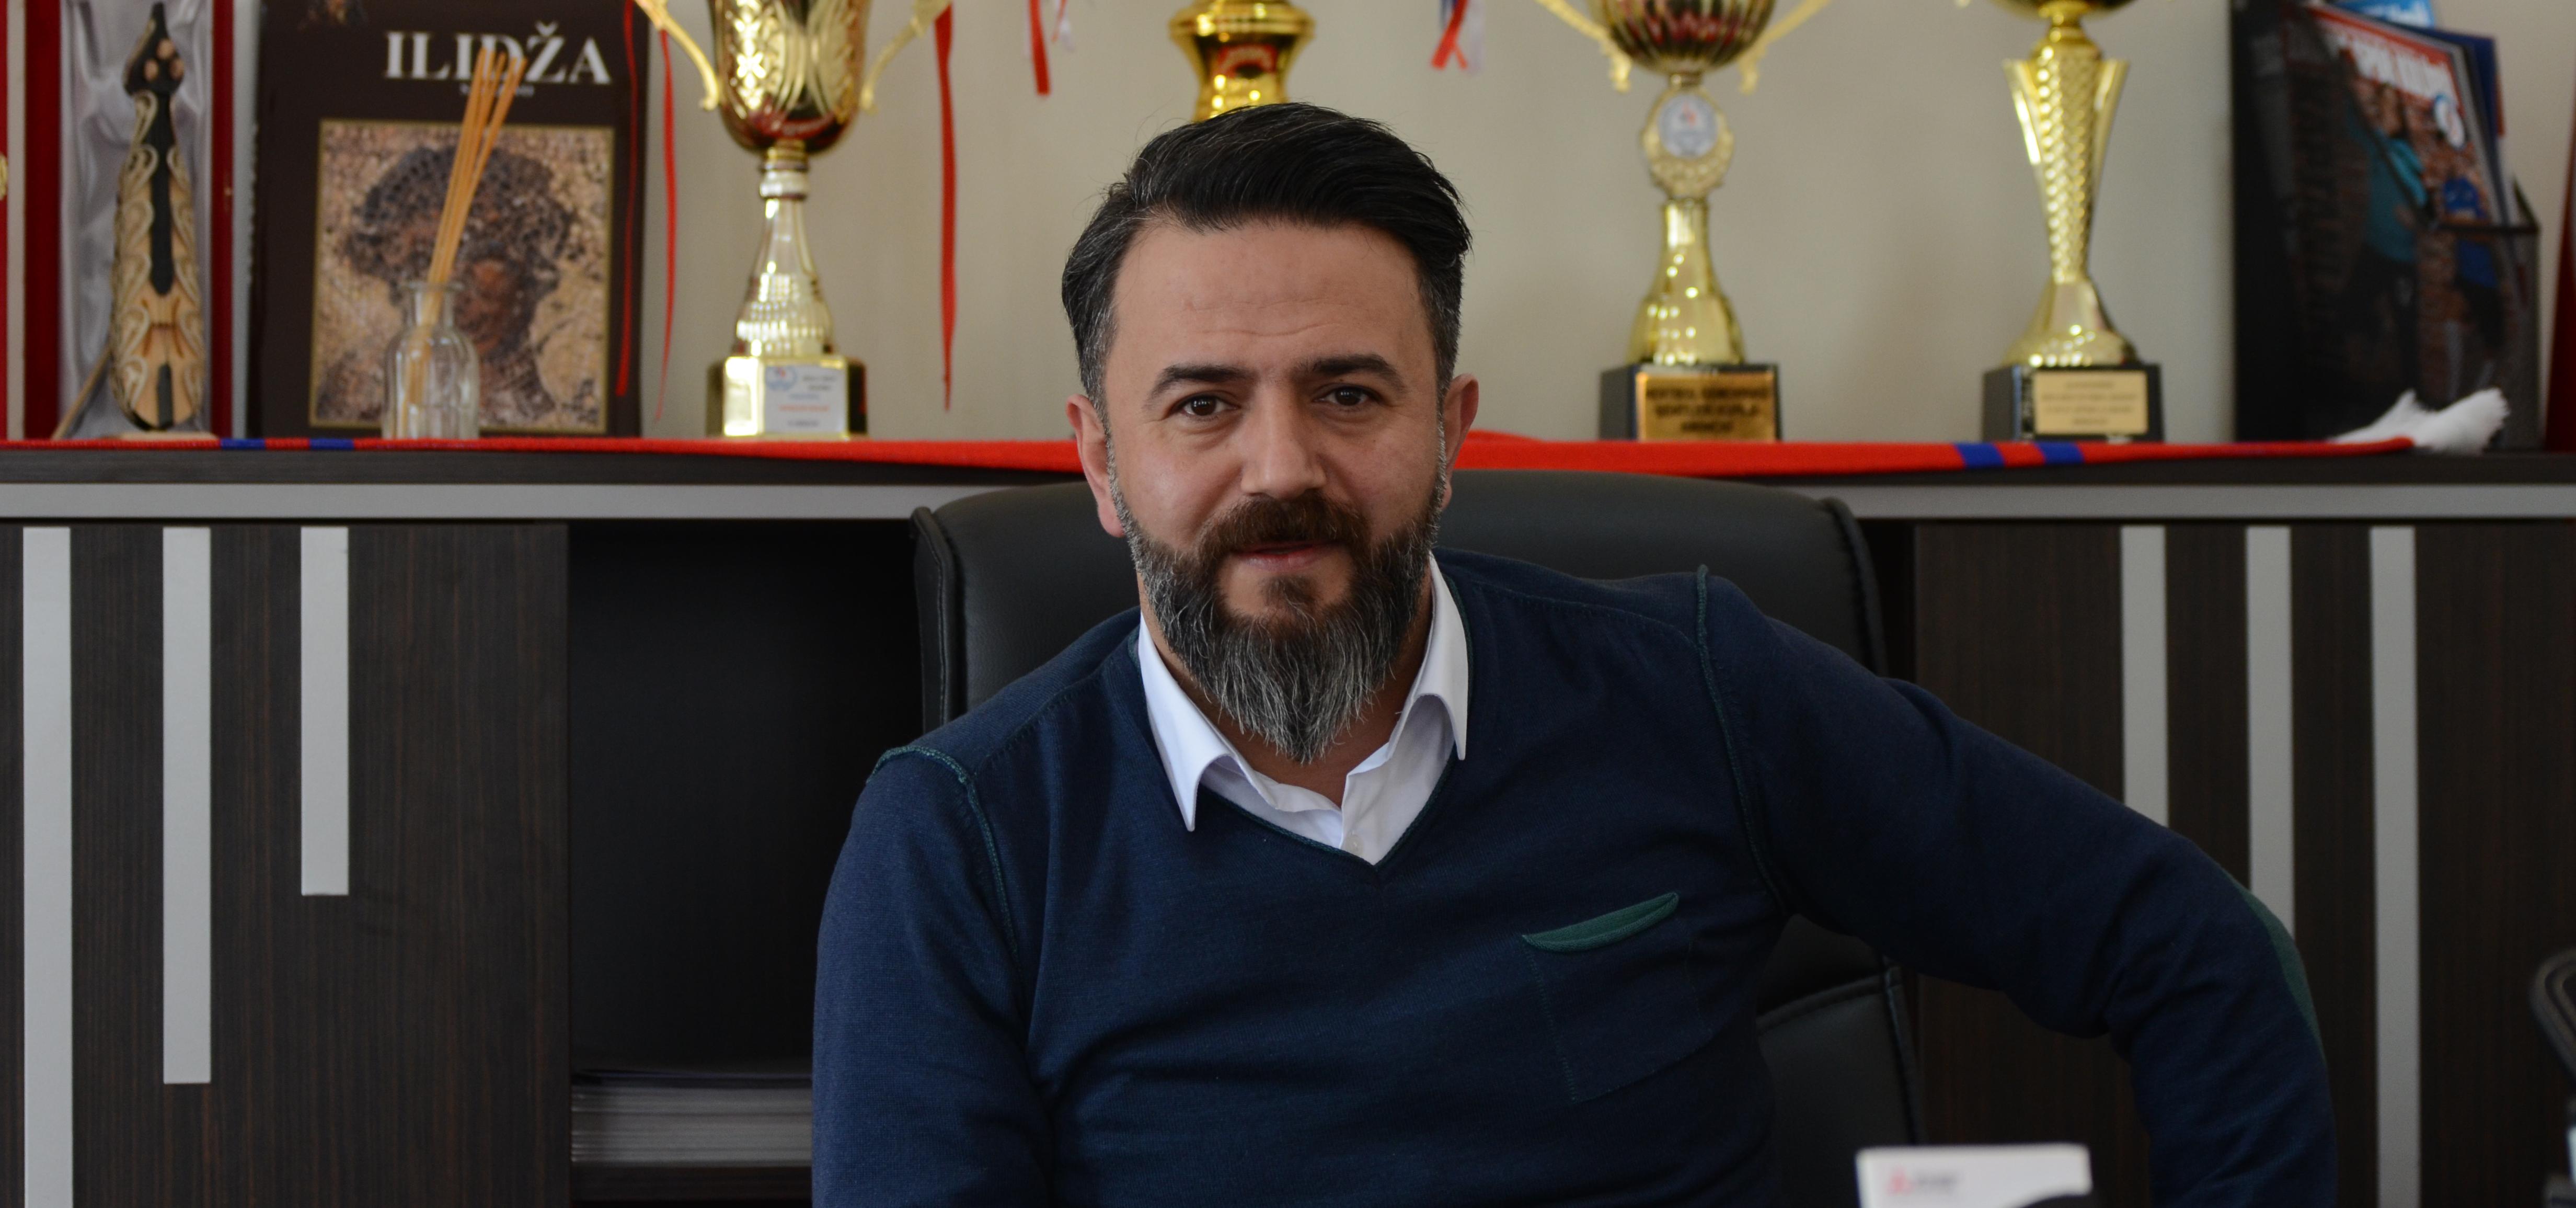 """""""Bayan Futbol Takımına Destek Vermek Günahtır"""" İddiası"""